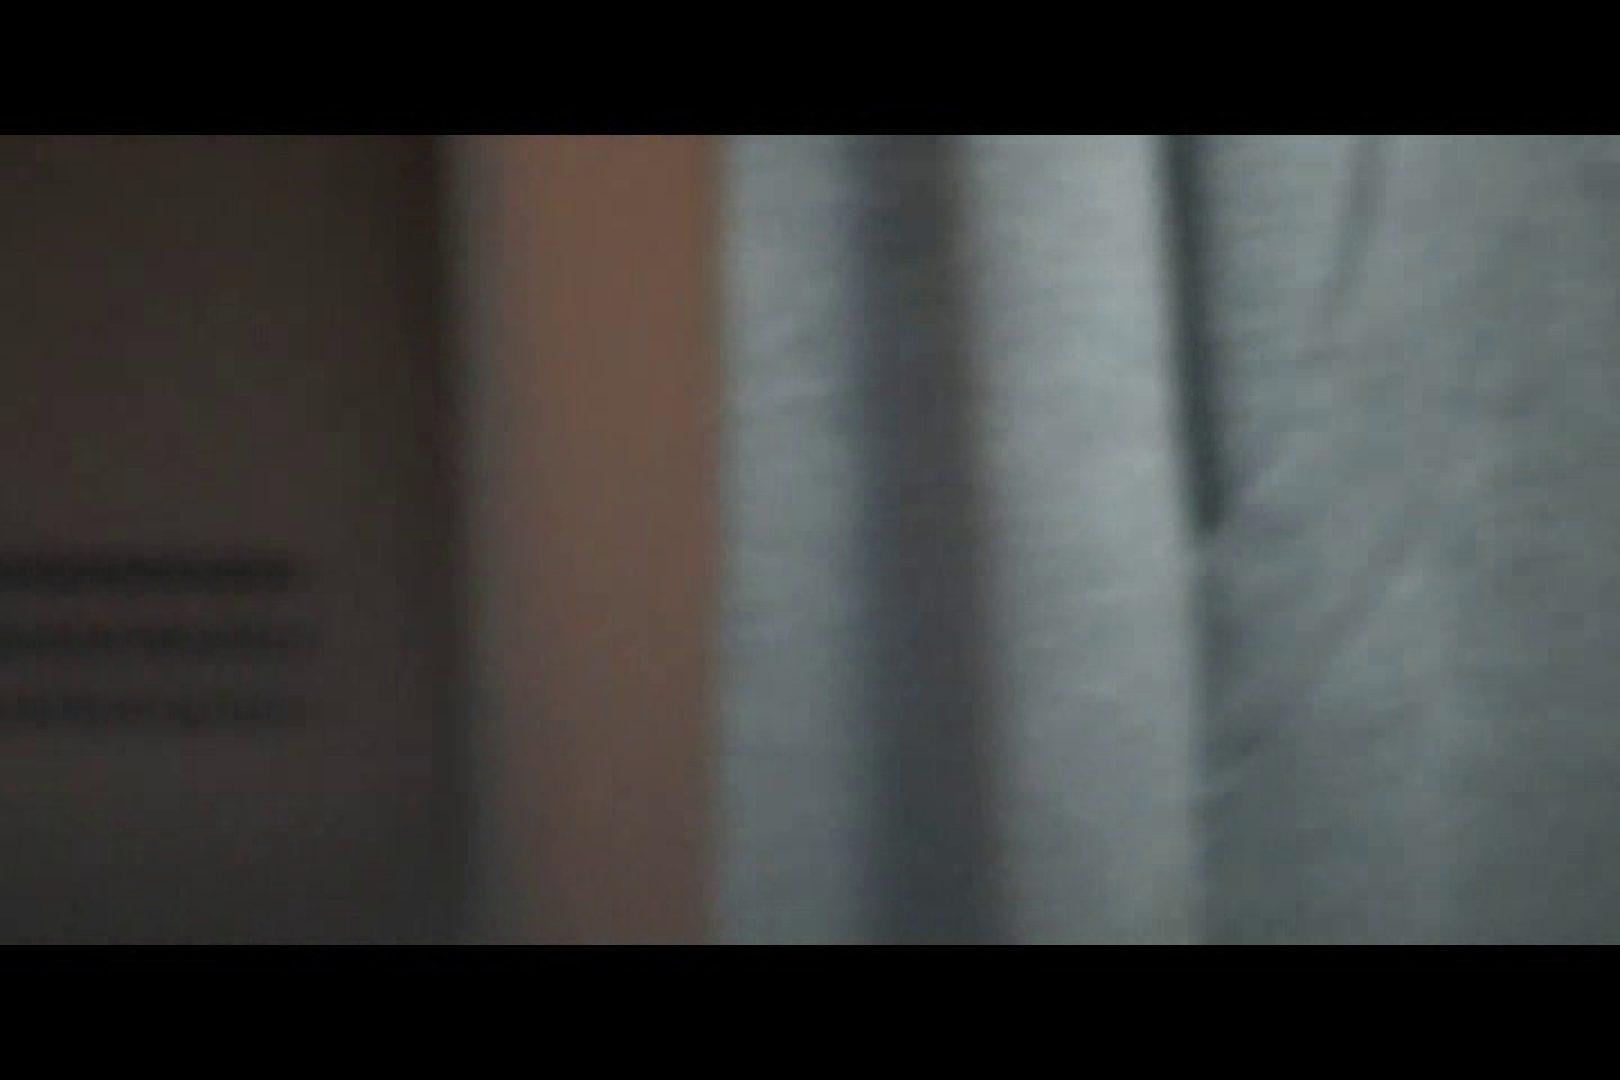 独占配信!無修正! 看護女子寮 vol.08 裸体 おめこ無修正動画無料 95pic 33